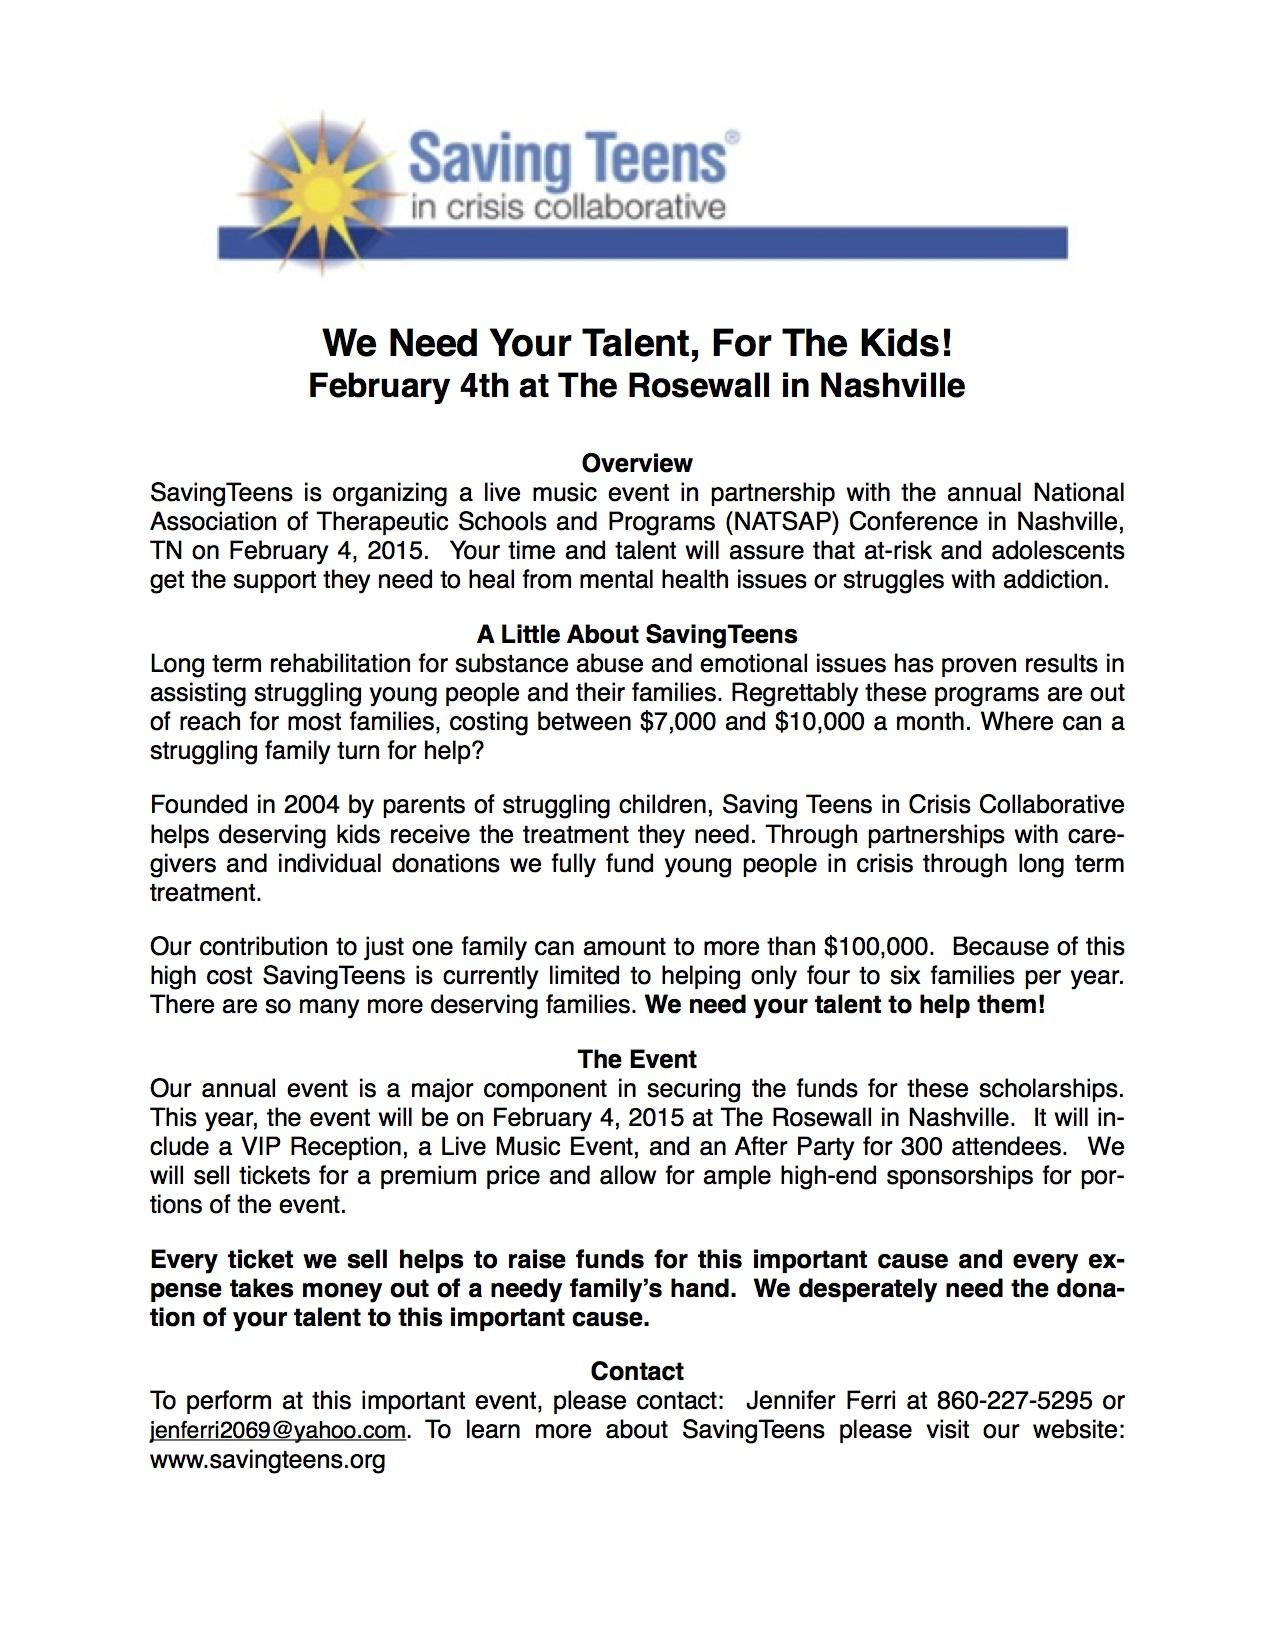 SavingTeens Talent Request